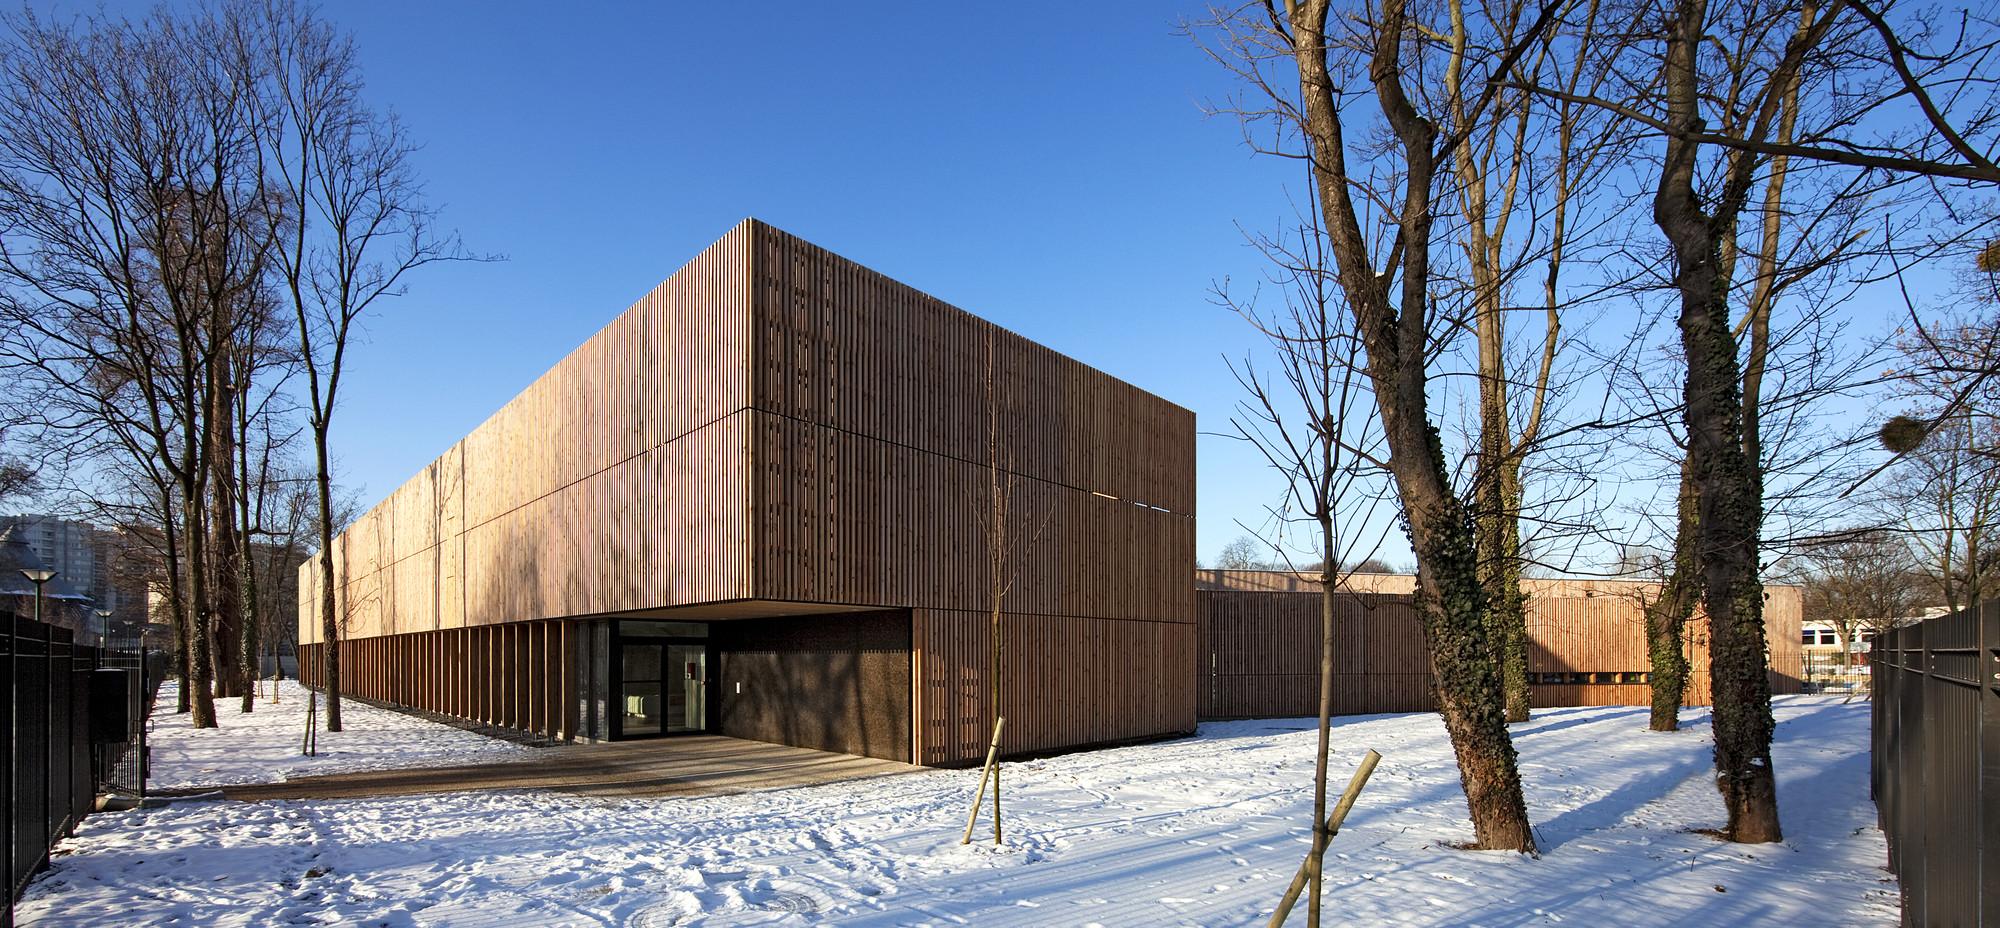 Ecole Maternelle La Venelle / Gaetan Le Penhuel Architectes, © Hervé Abbadie